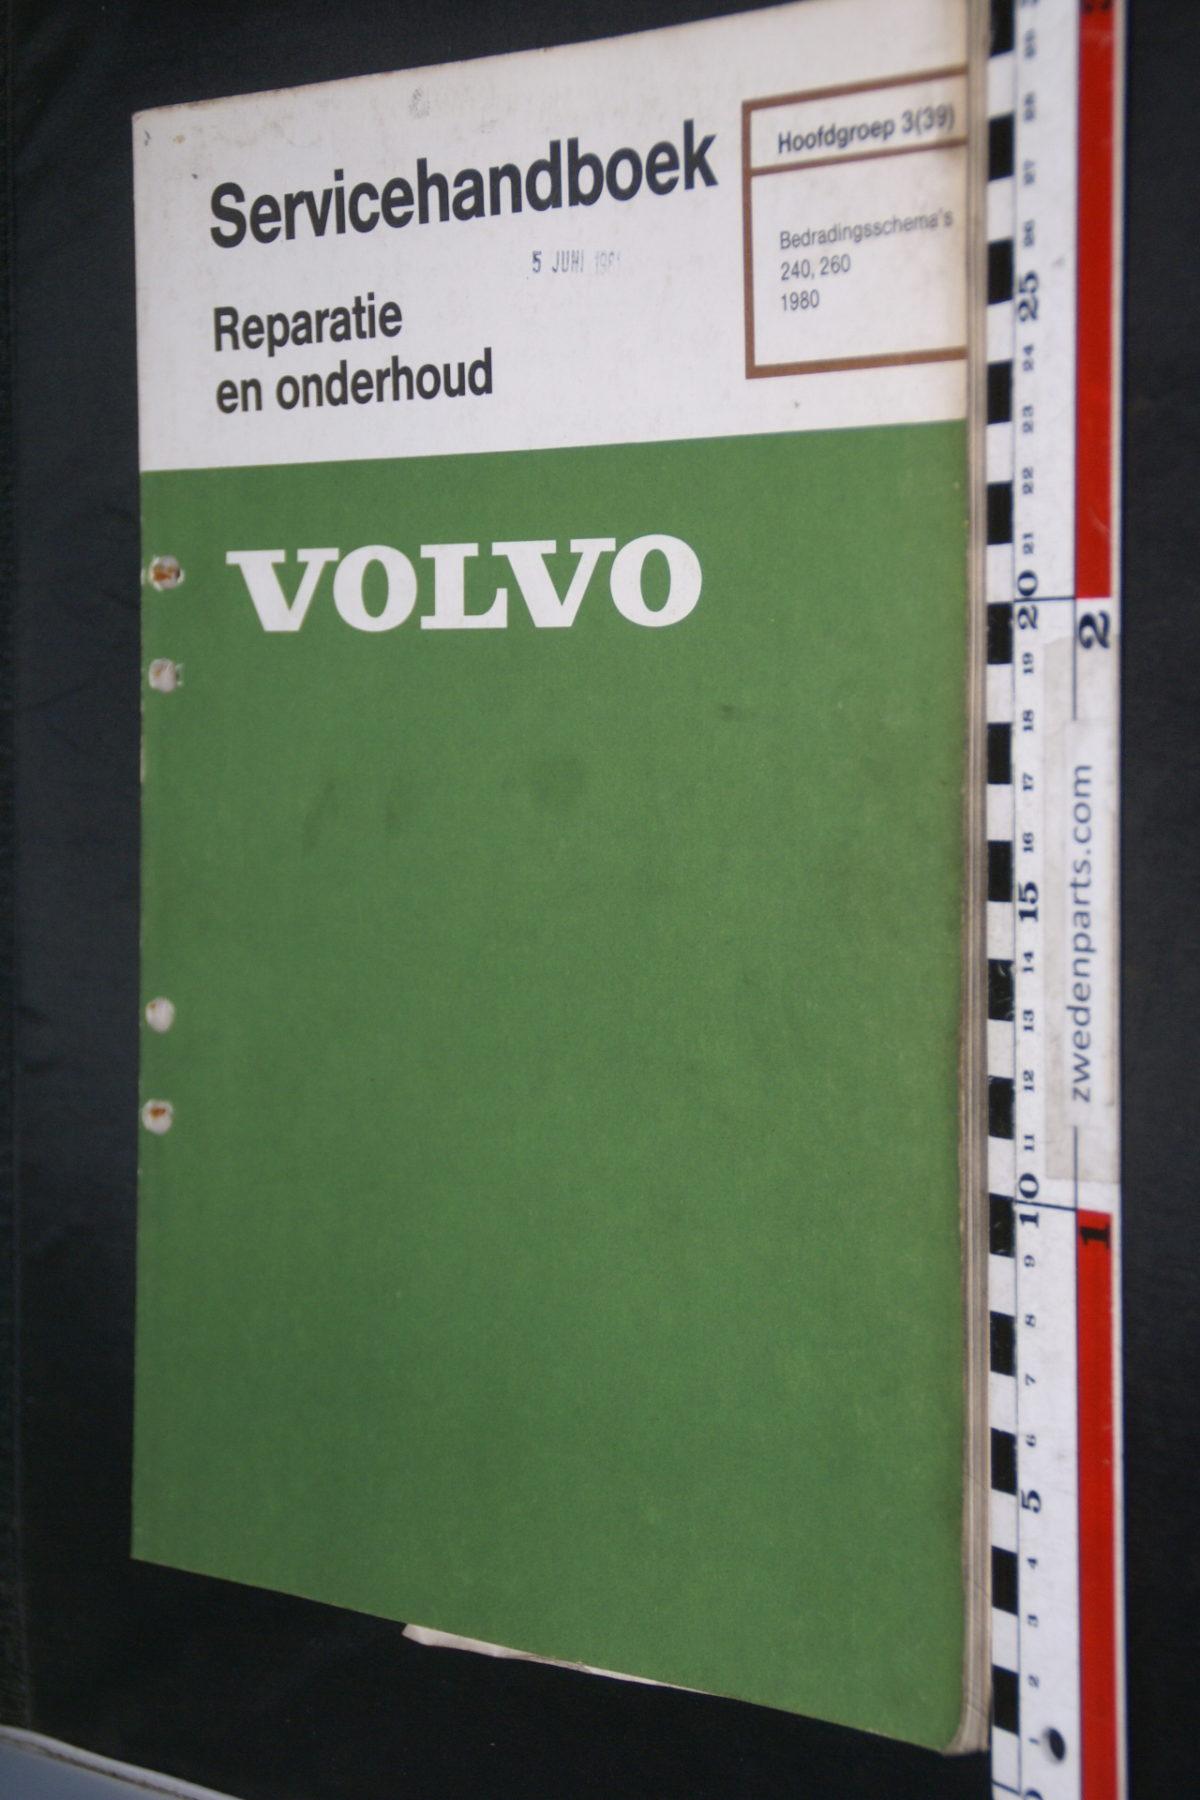 DSC08449 1981 origineel Volvo 240, 260 servicehandboek  3 (39) bedradingsschema 1 van 800 TP 30258-1